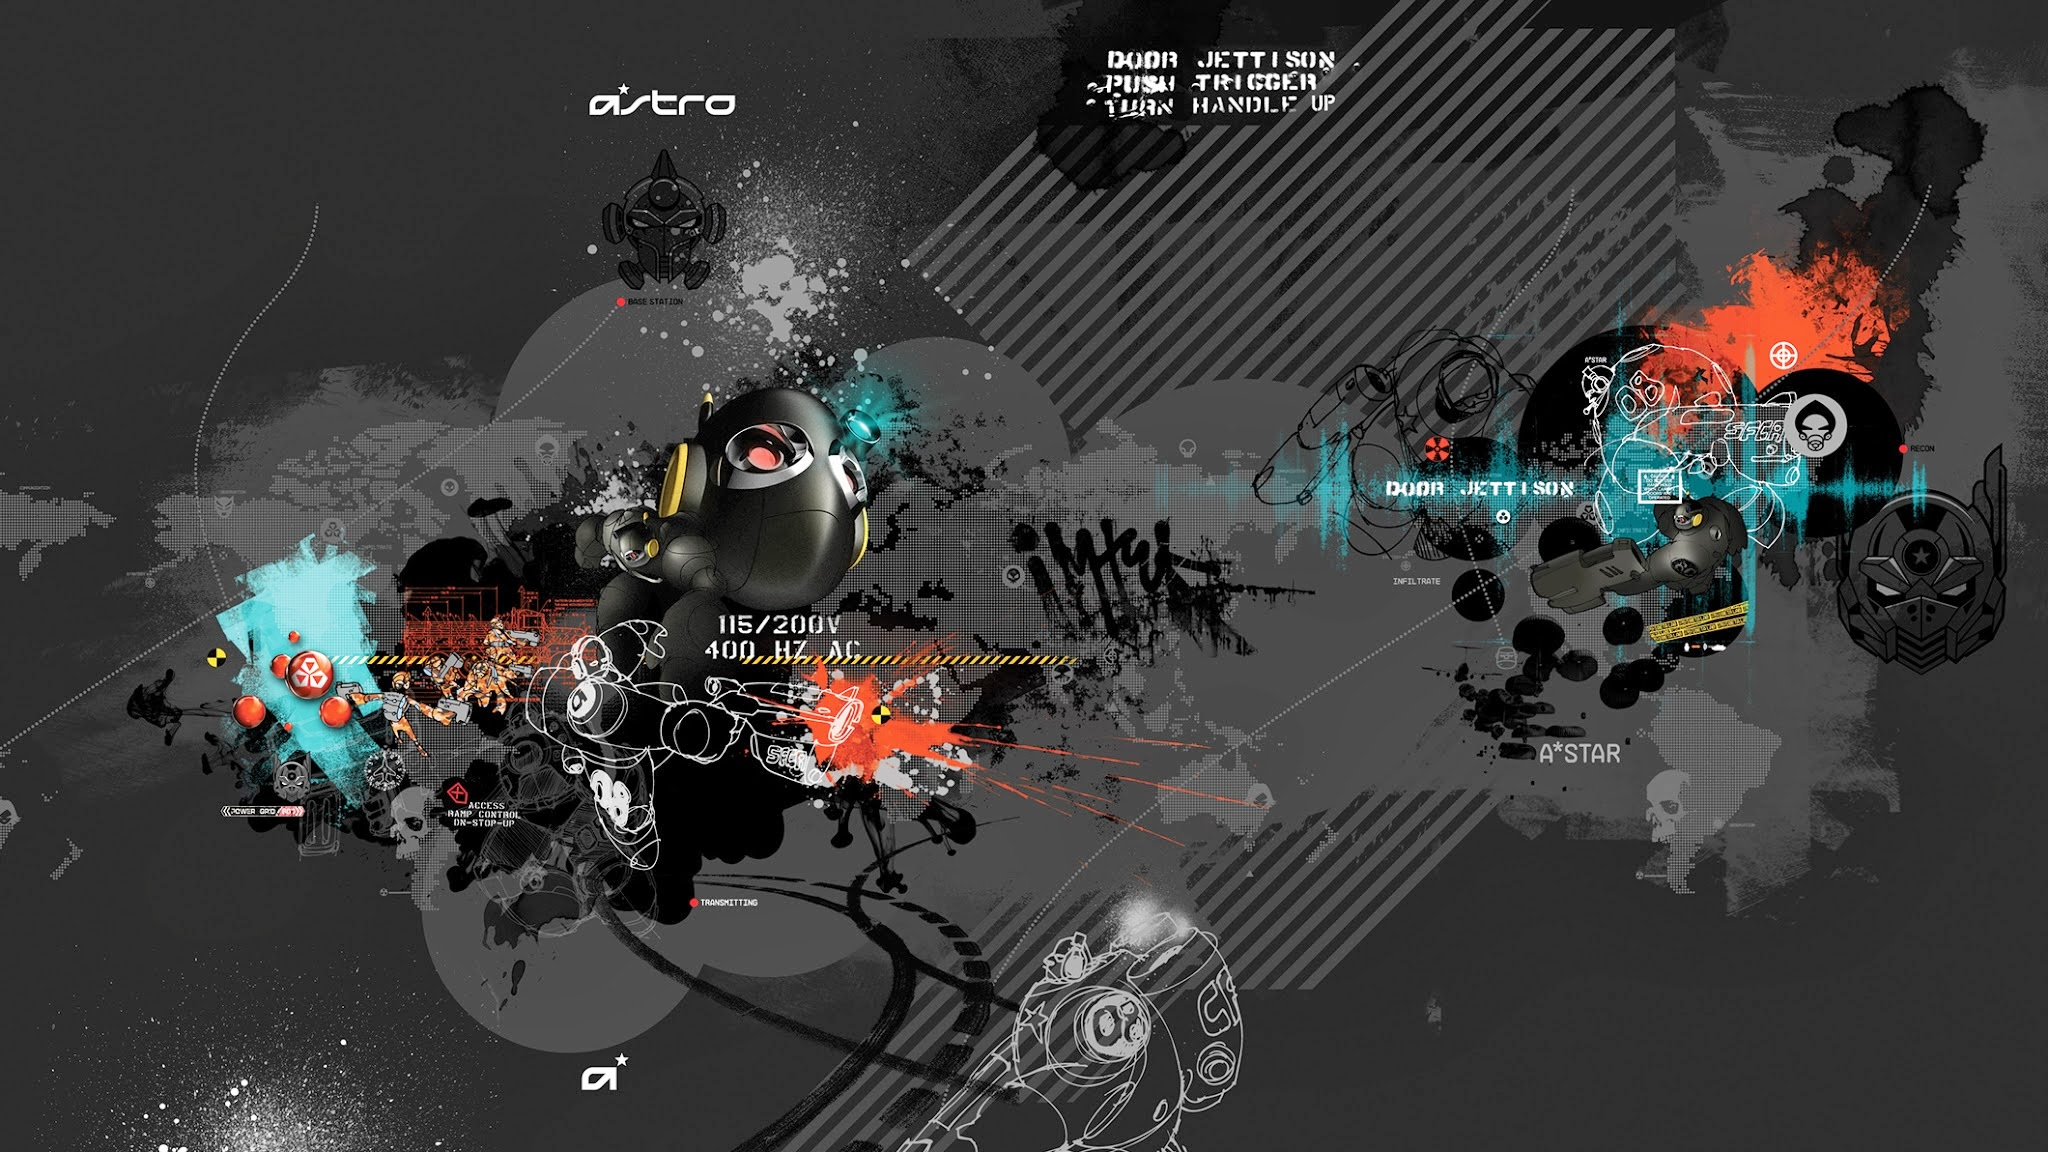 47+] Astro Gaming iPhone Wallpaper on WallpaperSafari